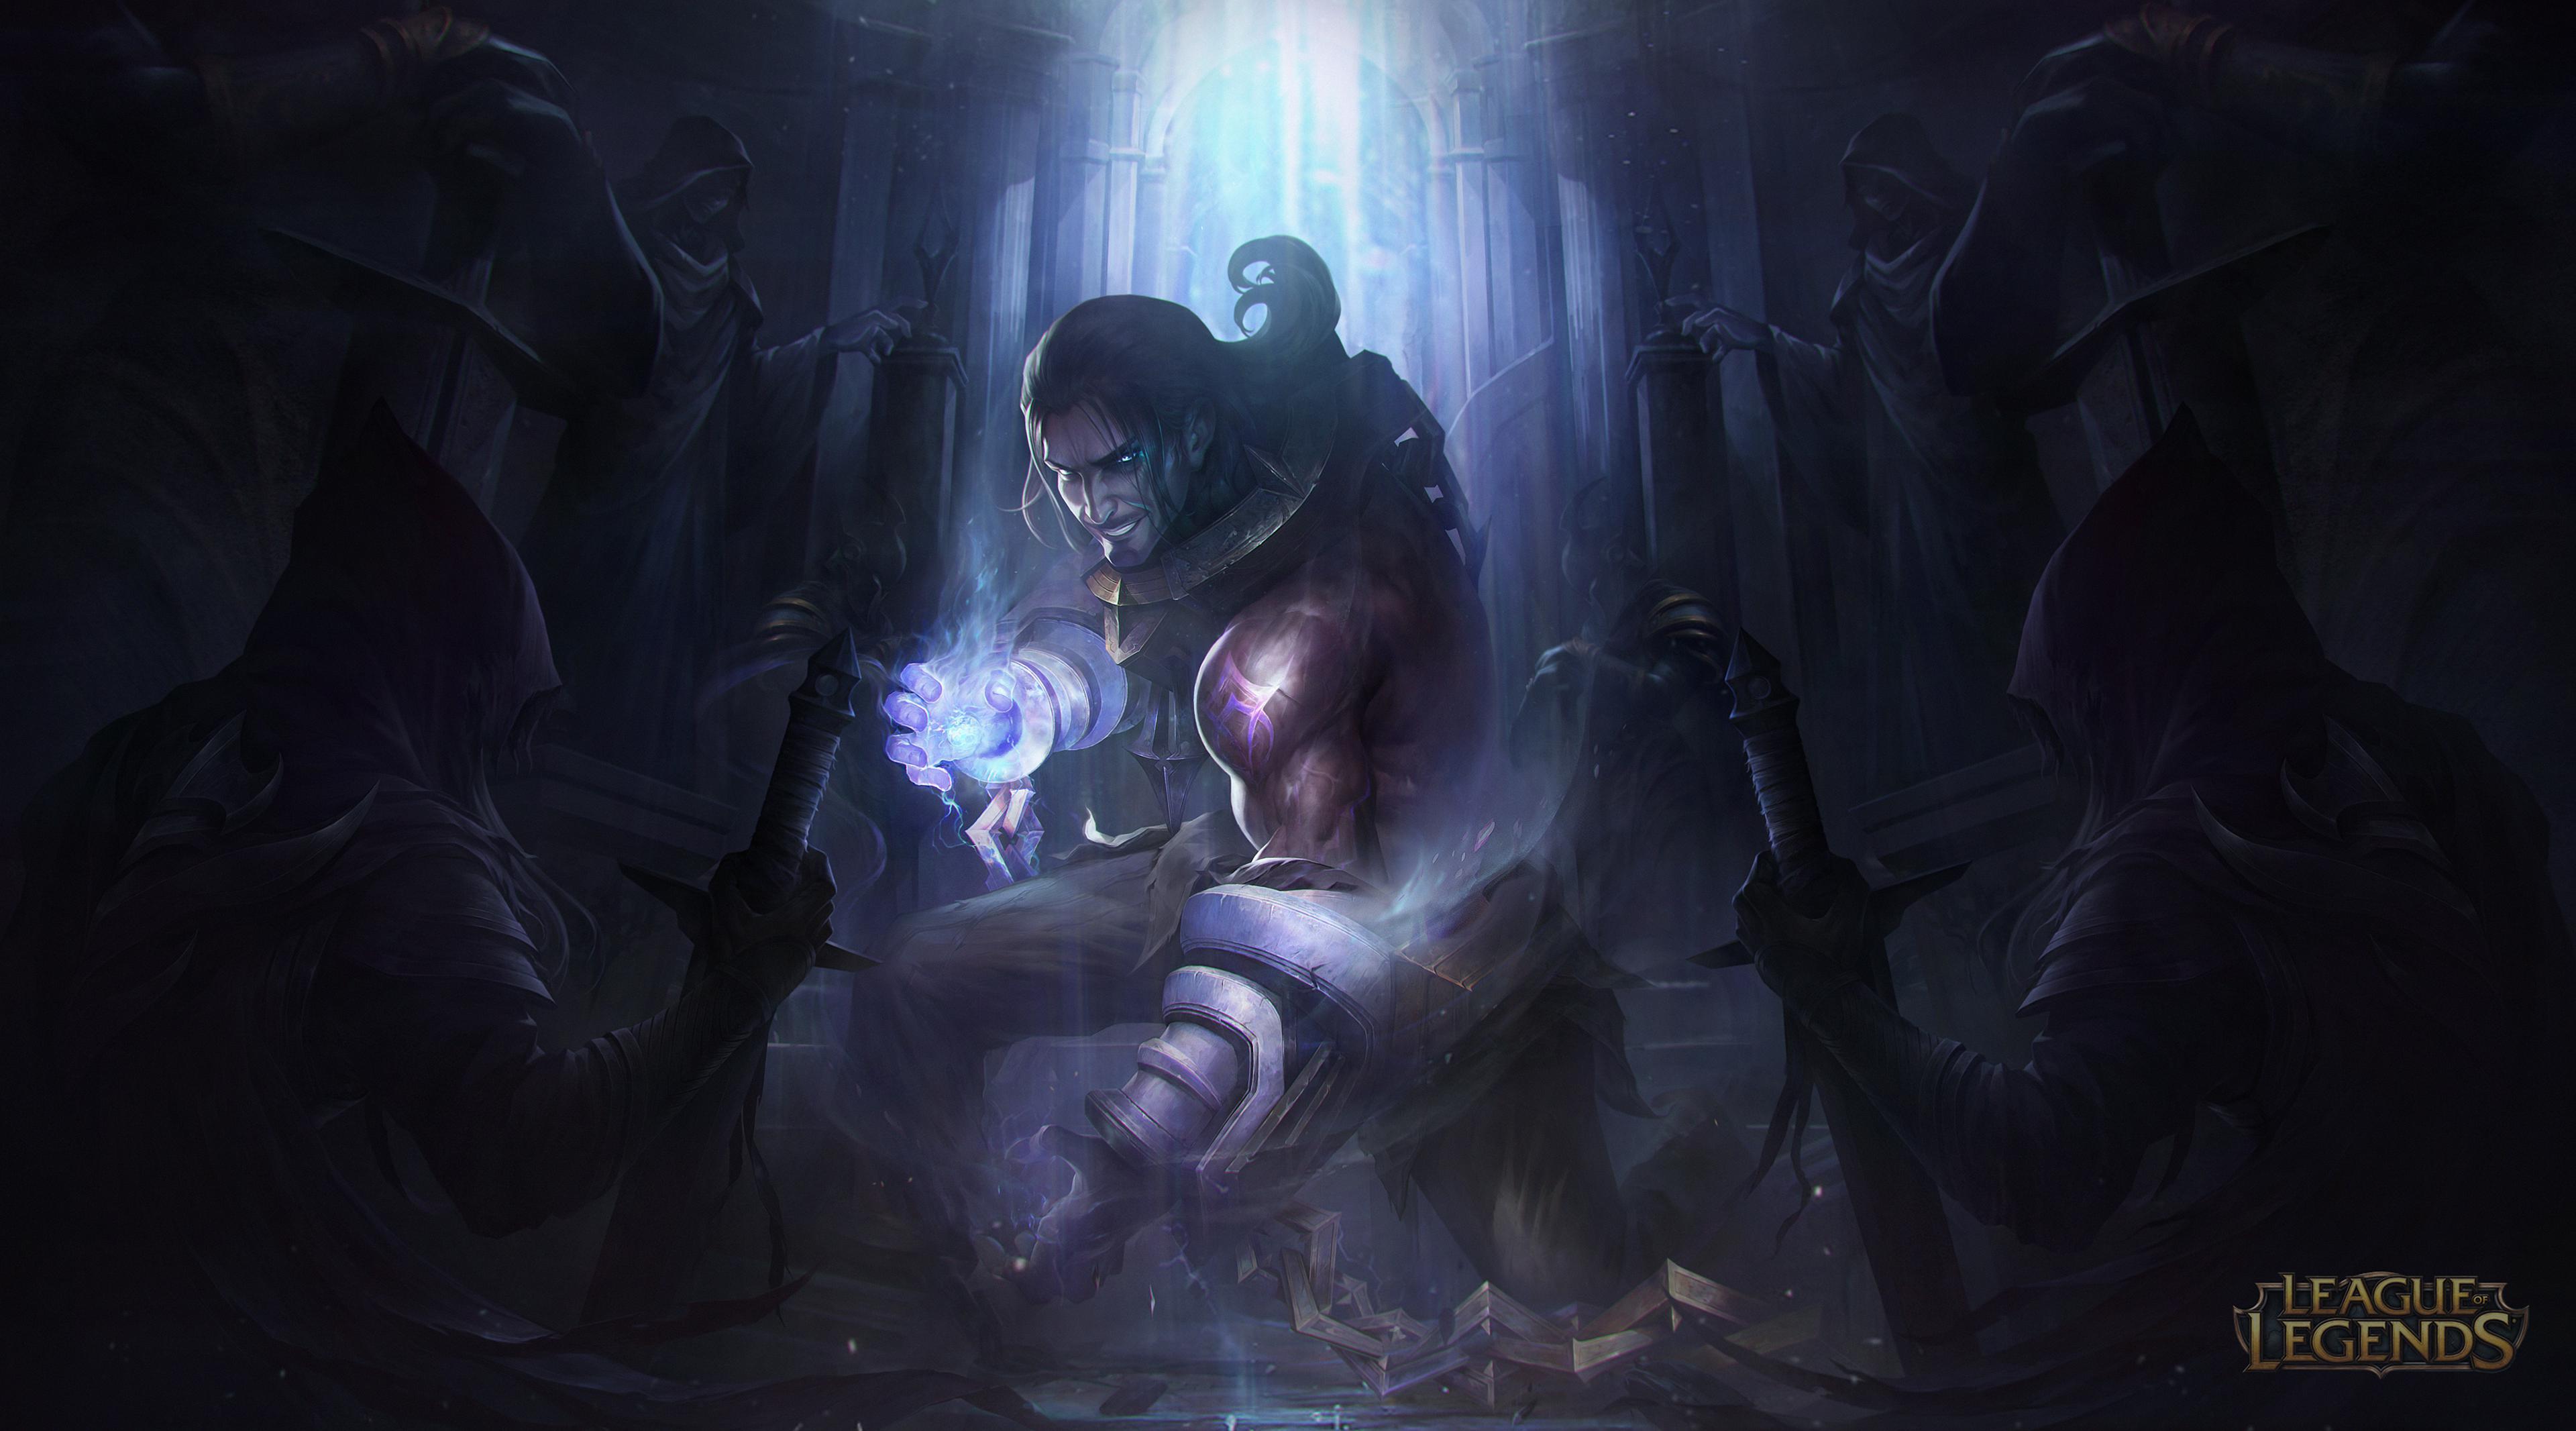 游戏原画设计场景原画游戏角色设计游戏界面Q版人物二次元写实